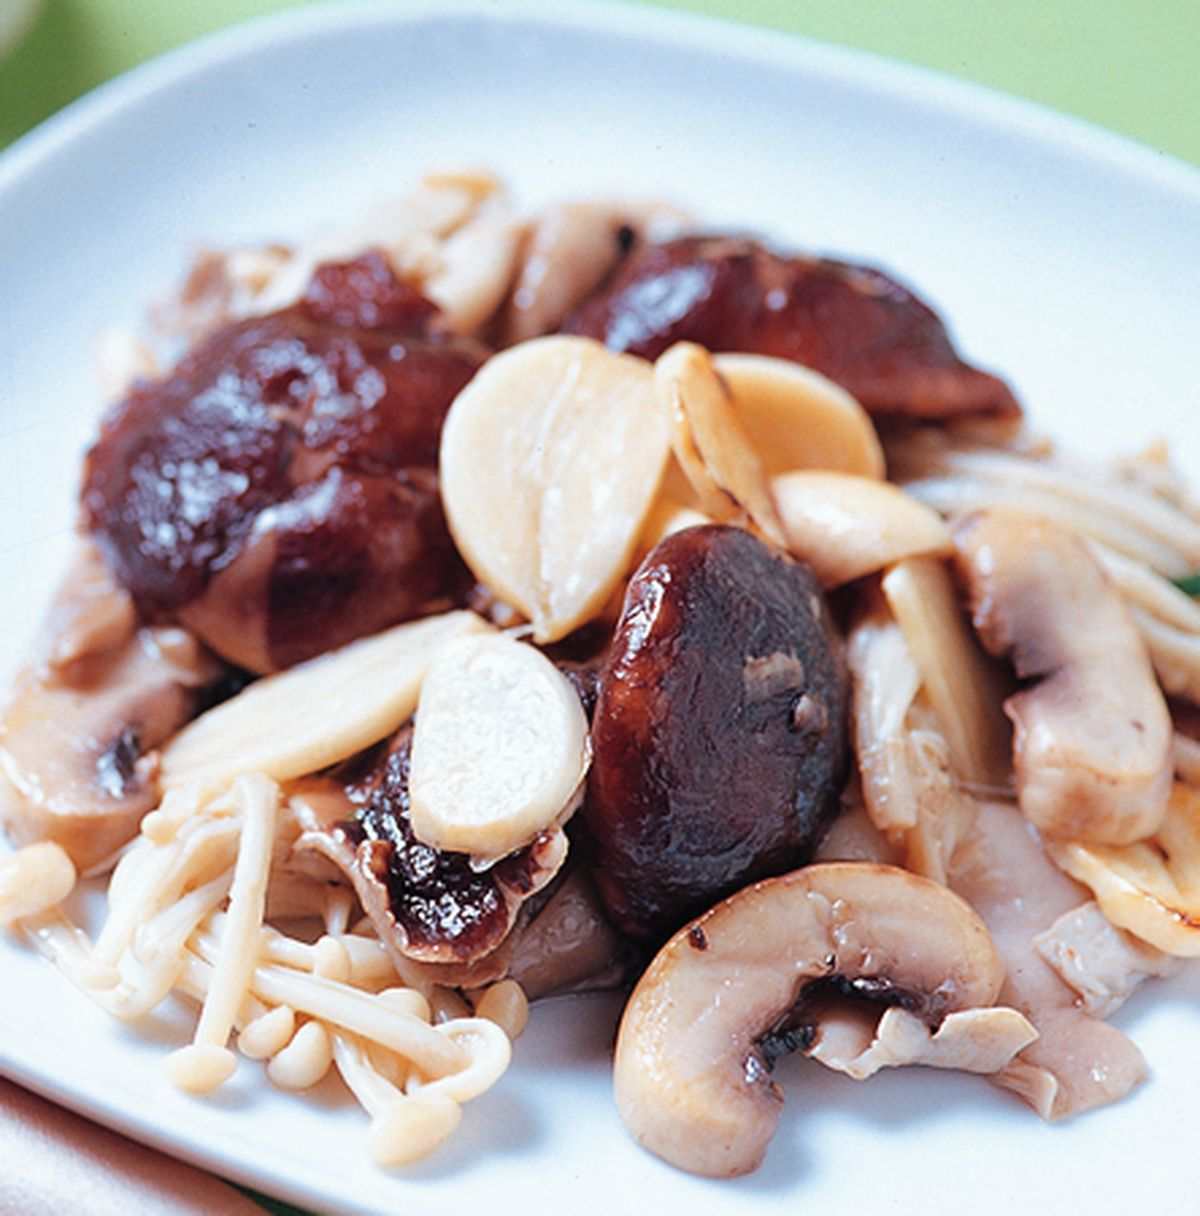 食譜:蒜炒什錦菇